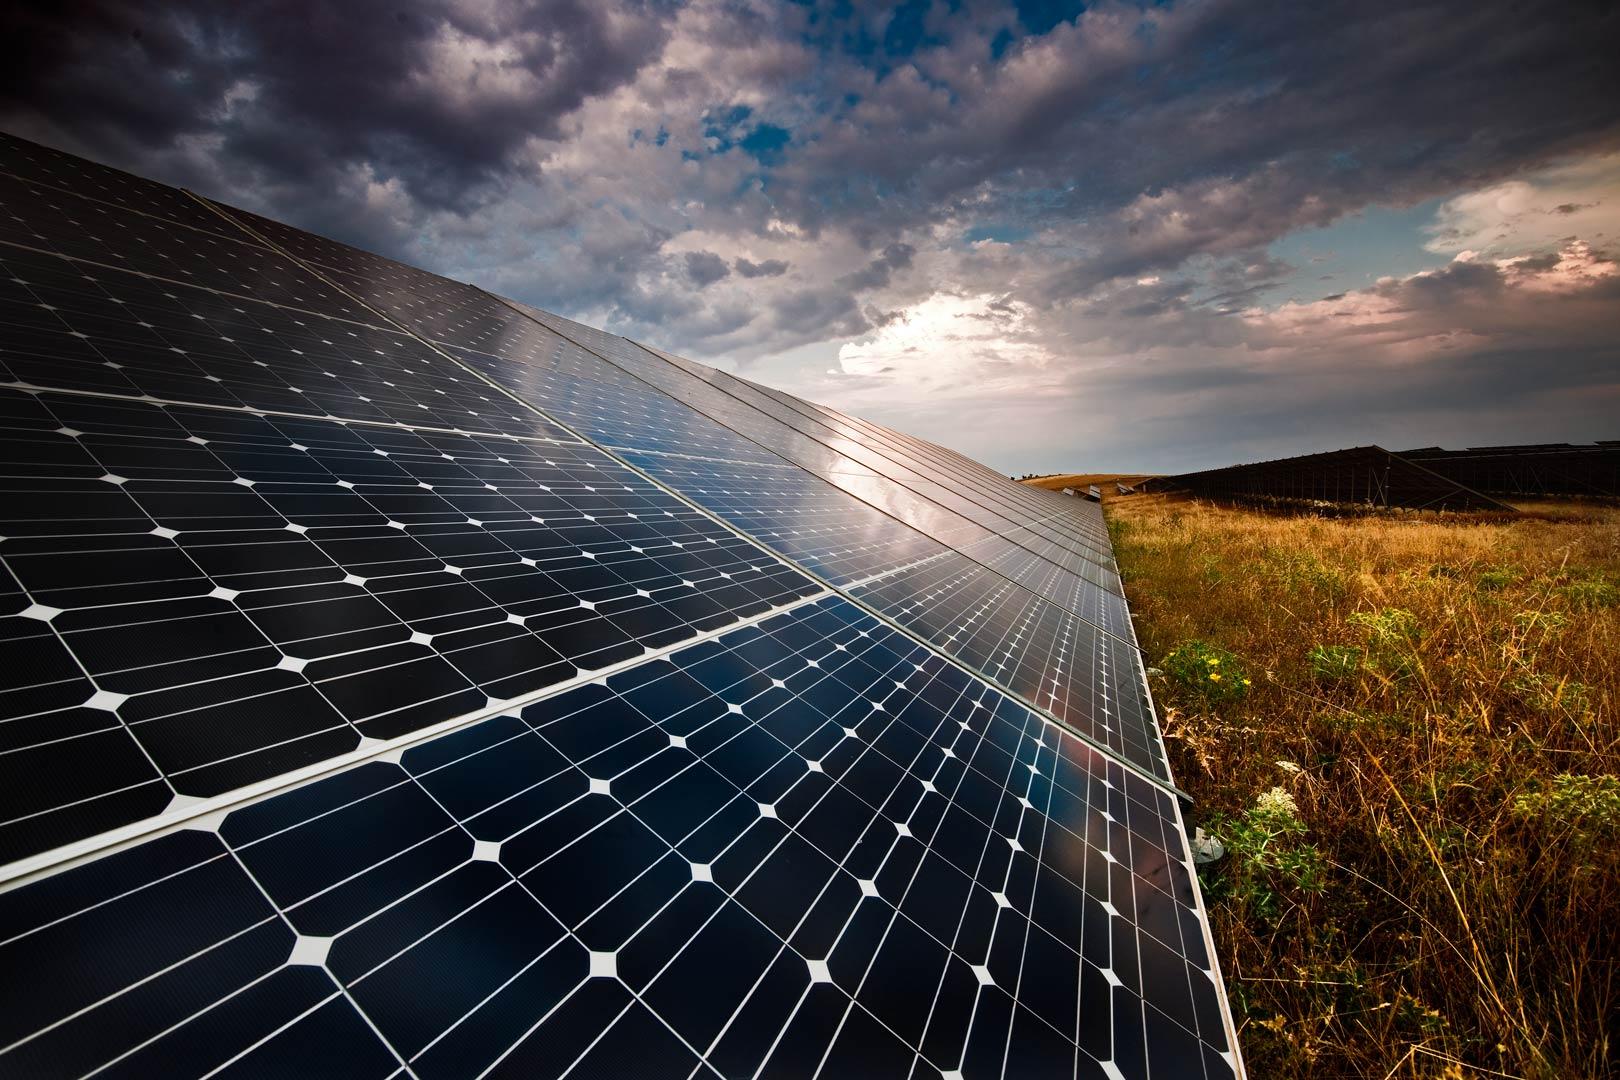 Generar hidr geno por medio del sol s la energ a solar - Tipos de paneles solares ...